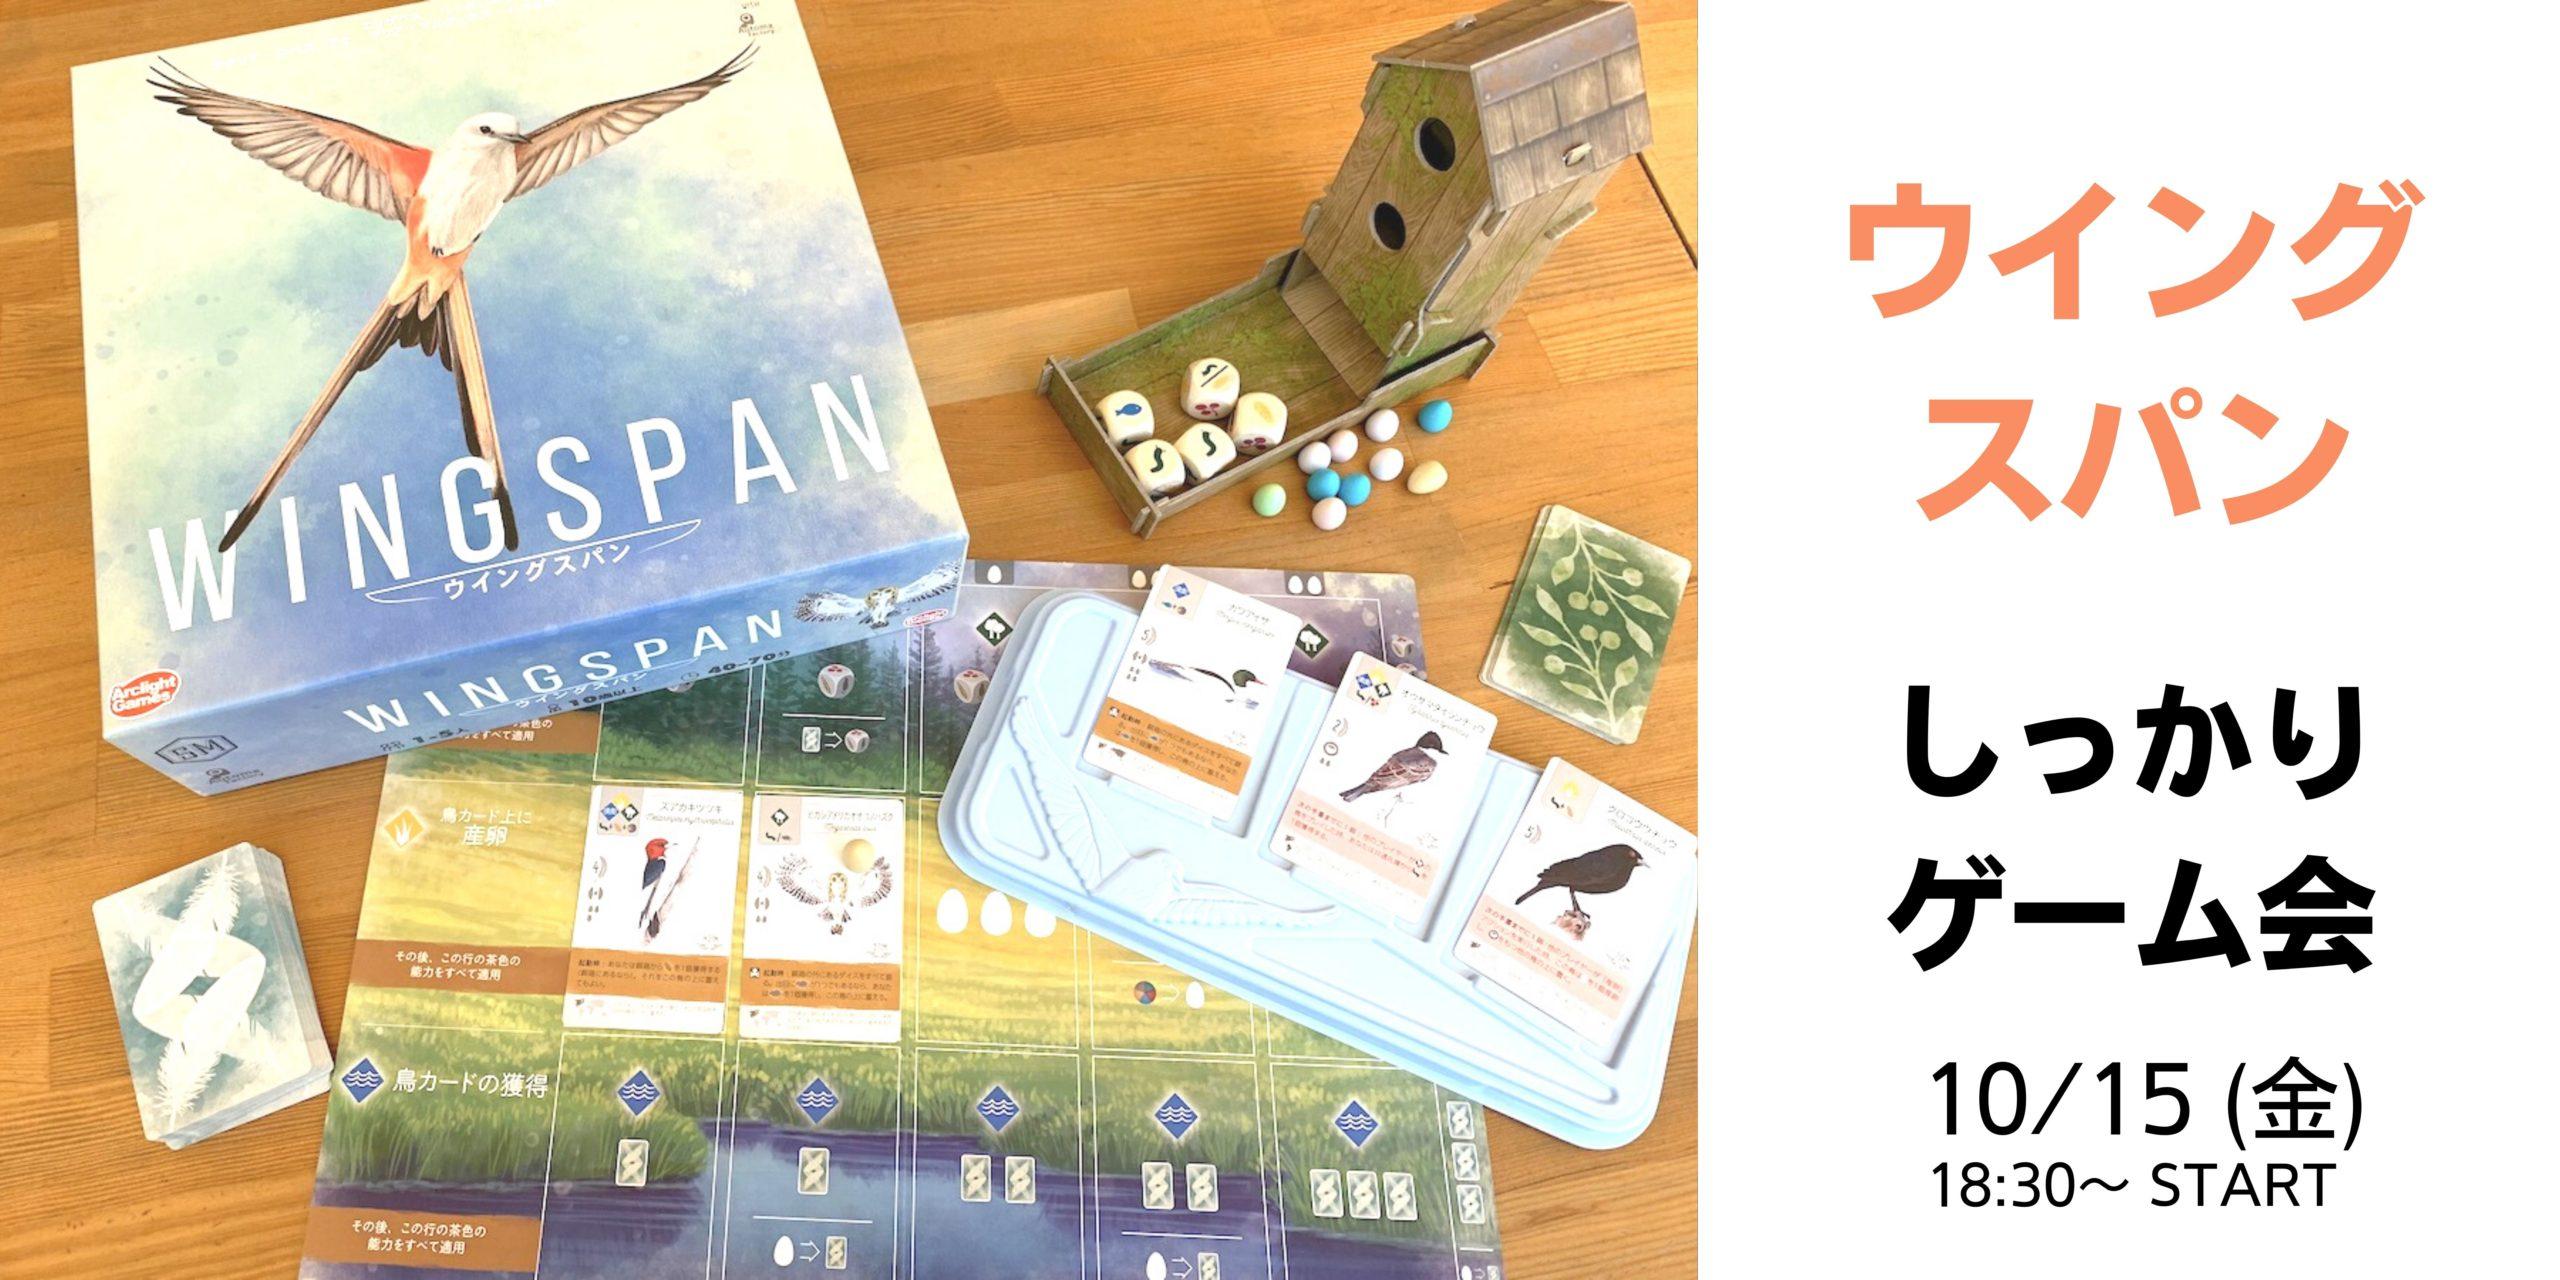 しっかりゲーム会 ウイングスパン 10/15(金) 18時半スタート